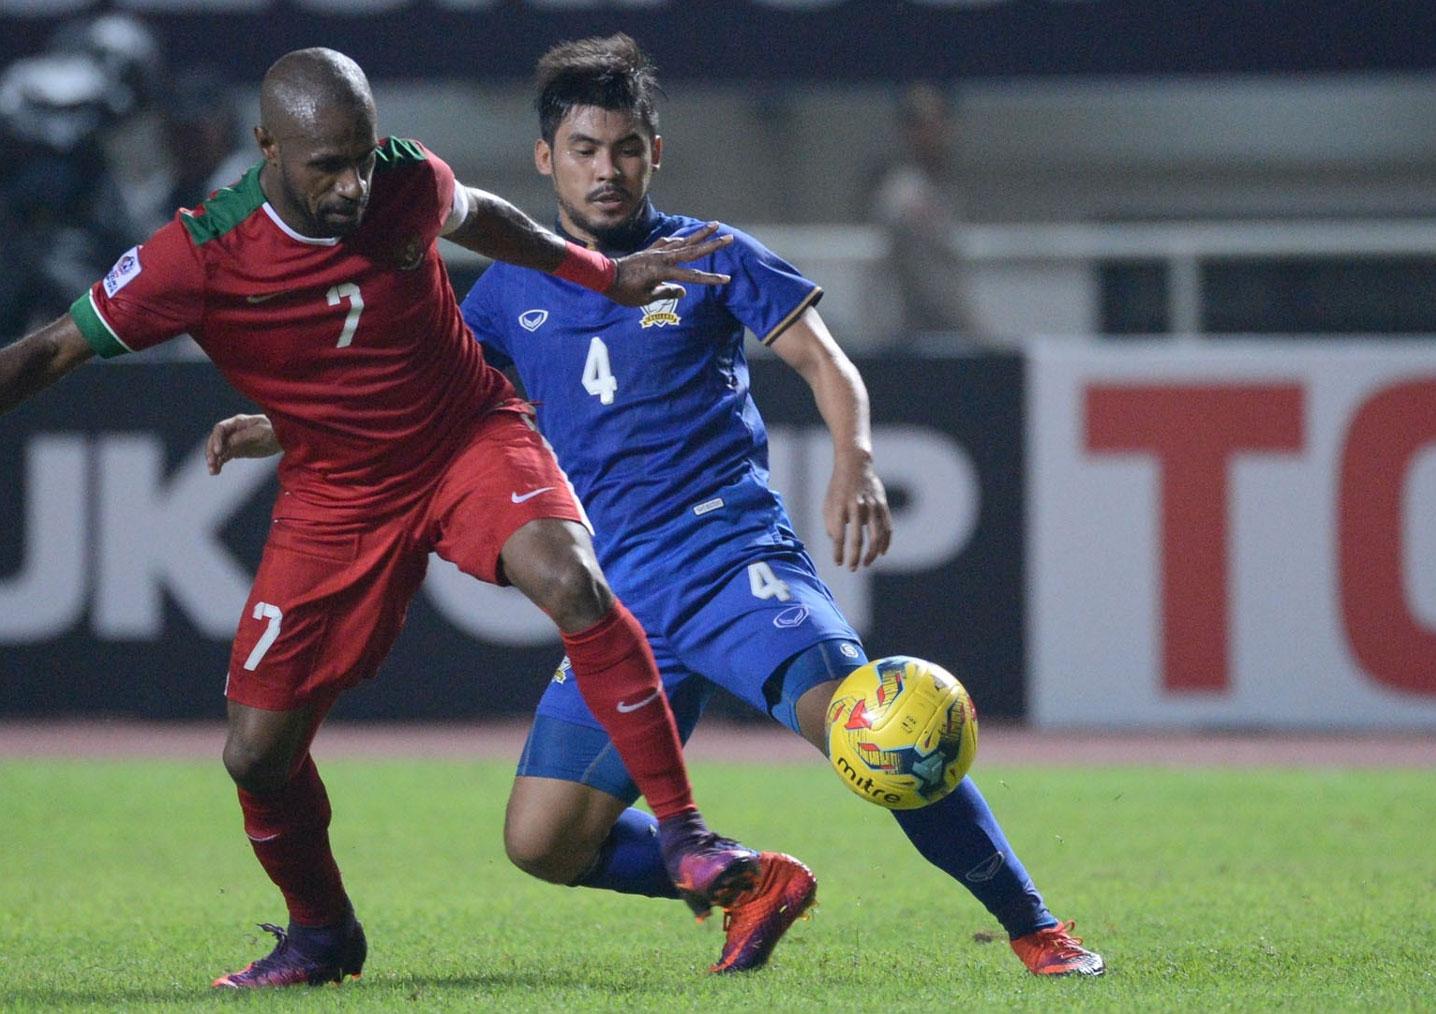 Kemenangan 2-1 untuk Timnas Indonesia vs Thailand di Piala AFF 2016